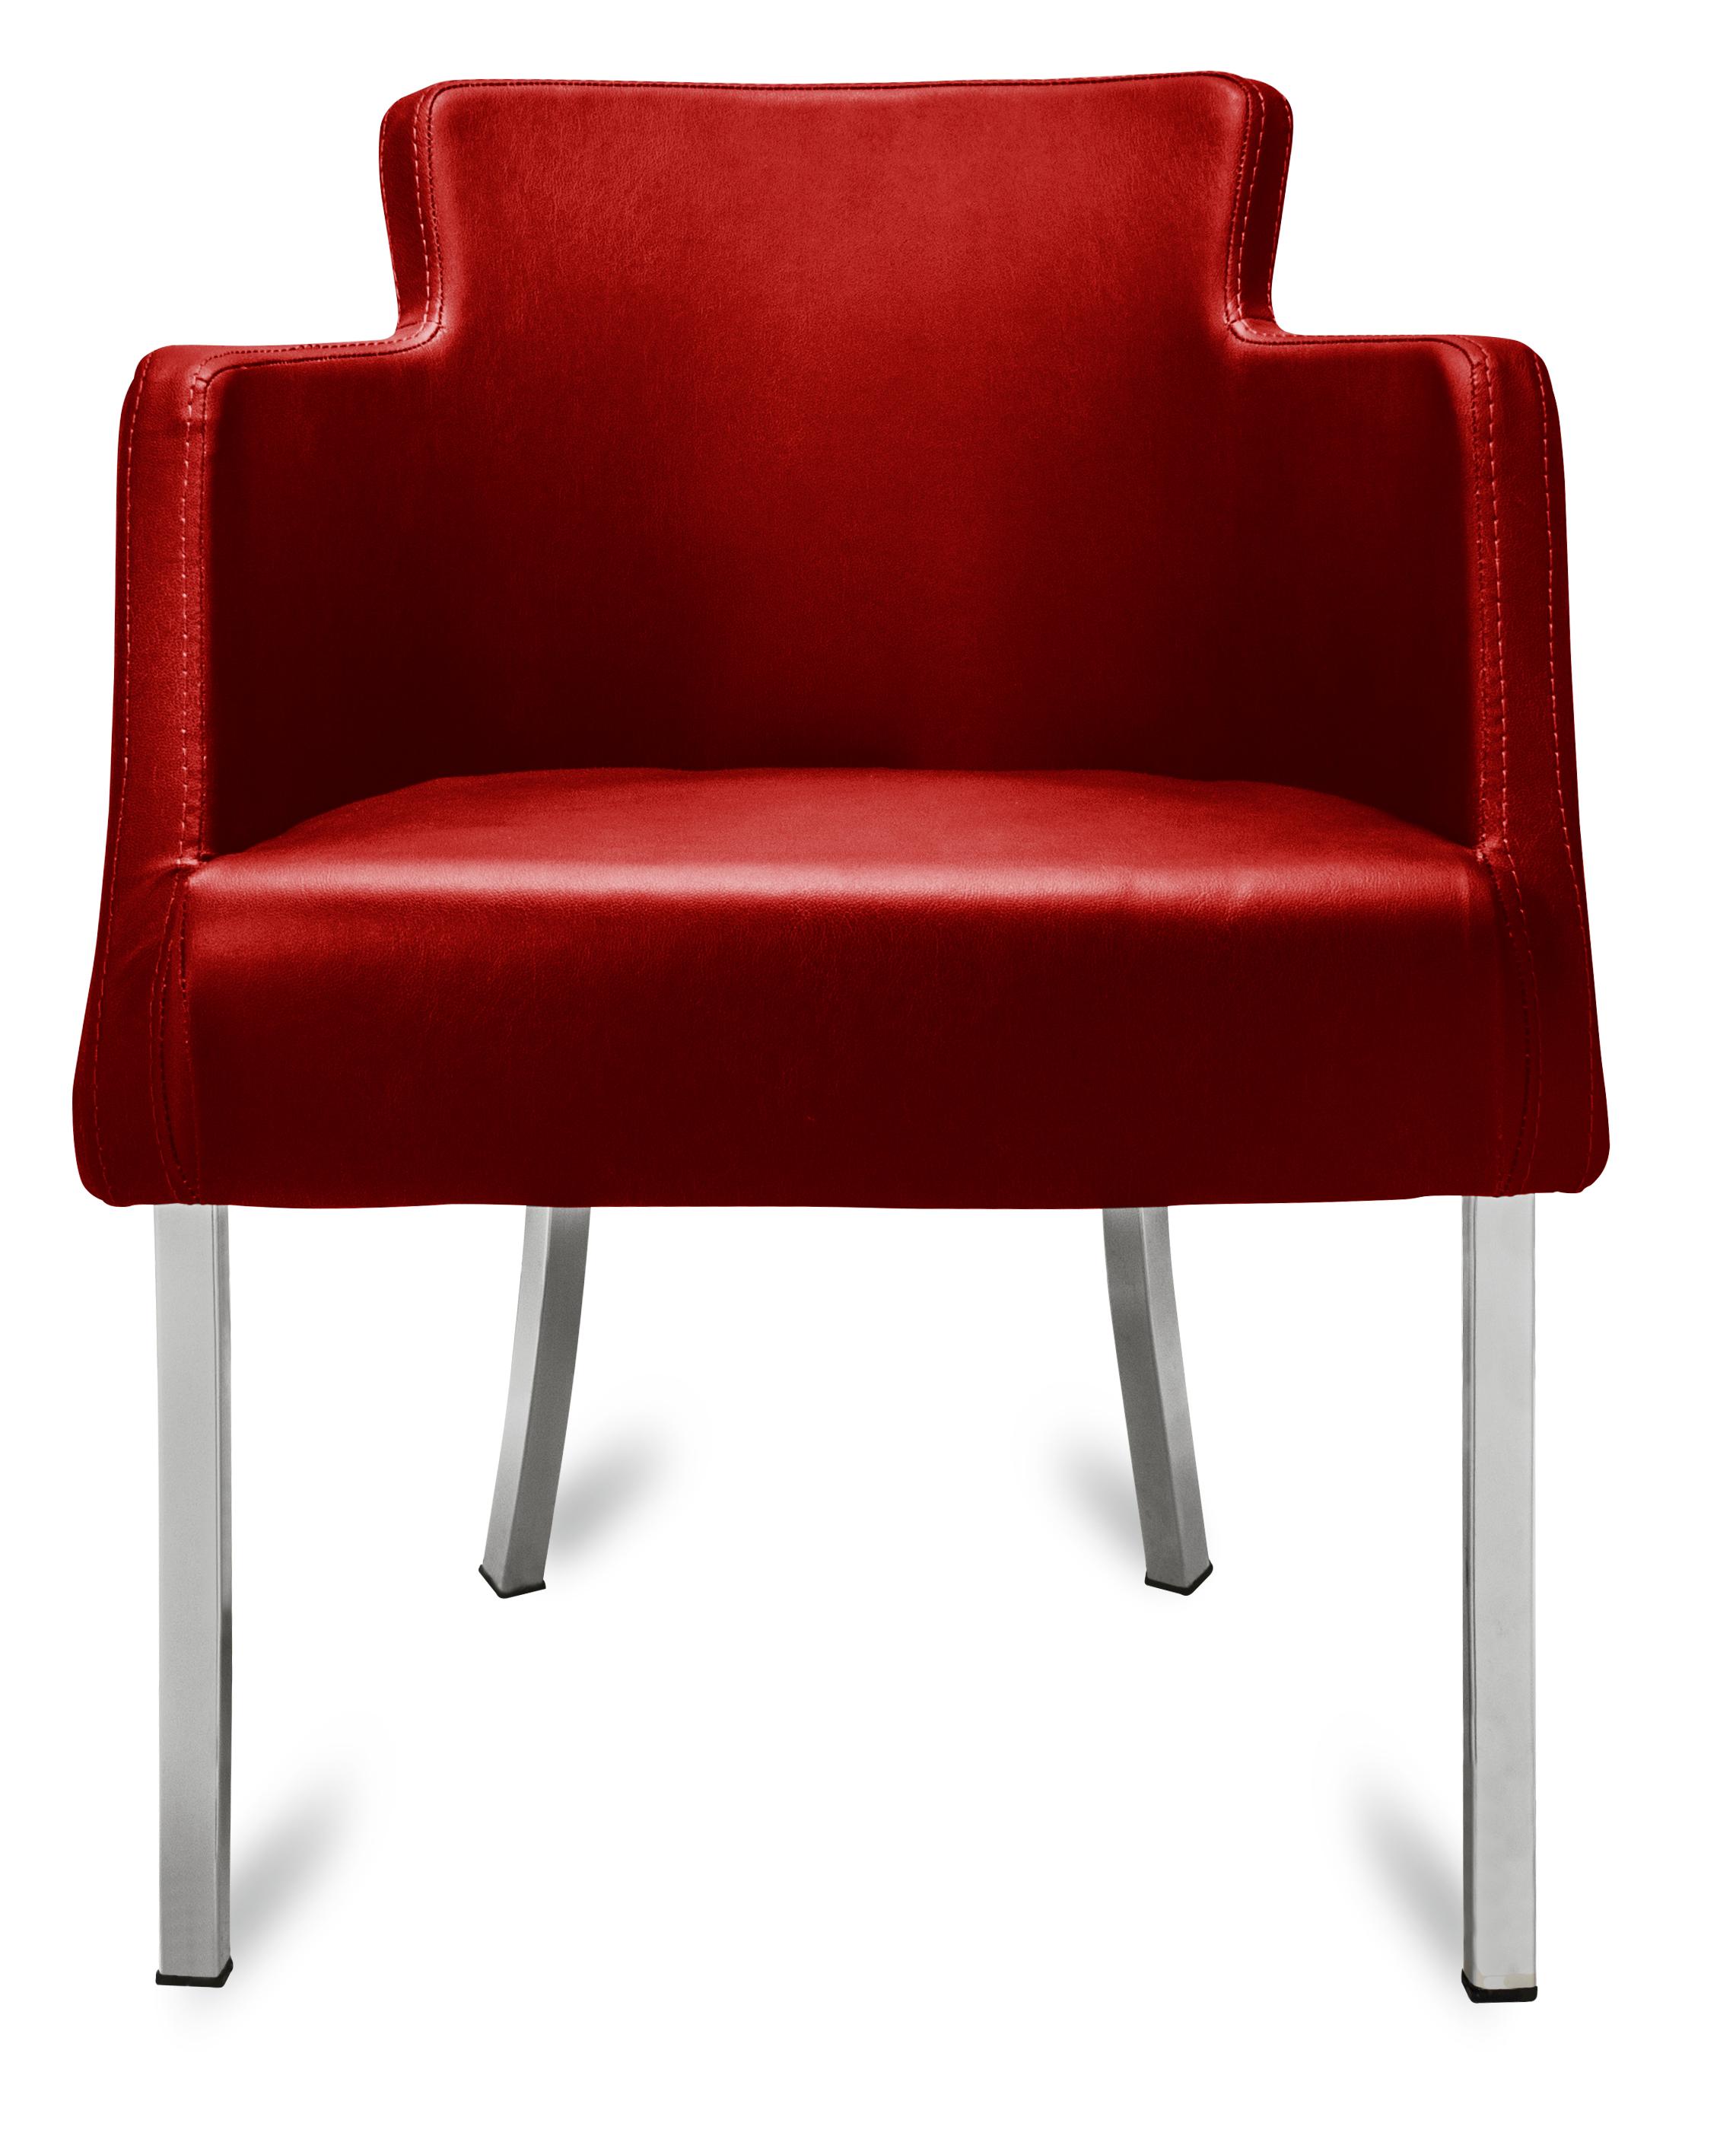 Gastro stuhl sessel primo rot g nstig kaufen m bel star for Sessel stuhl